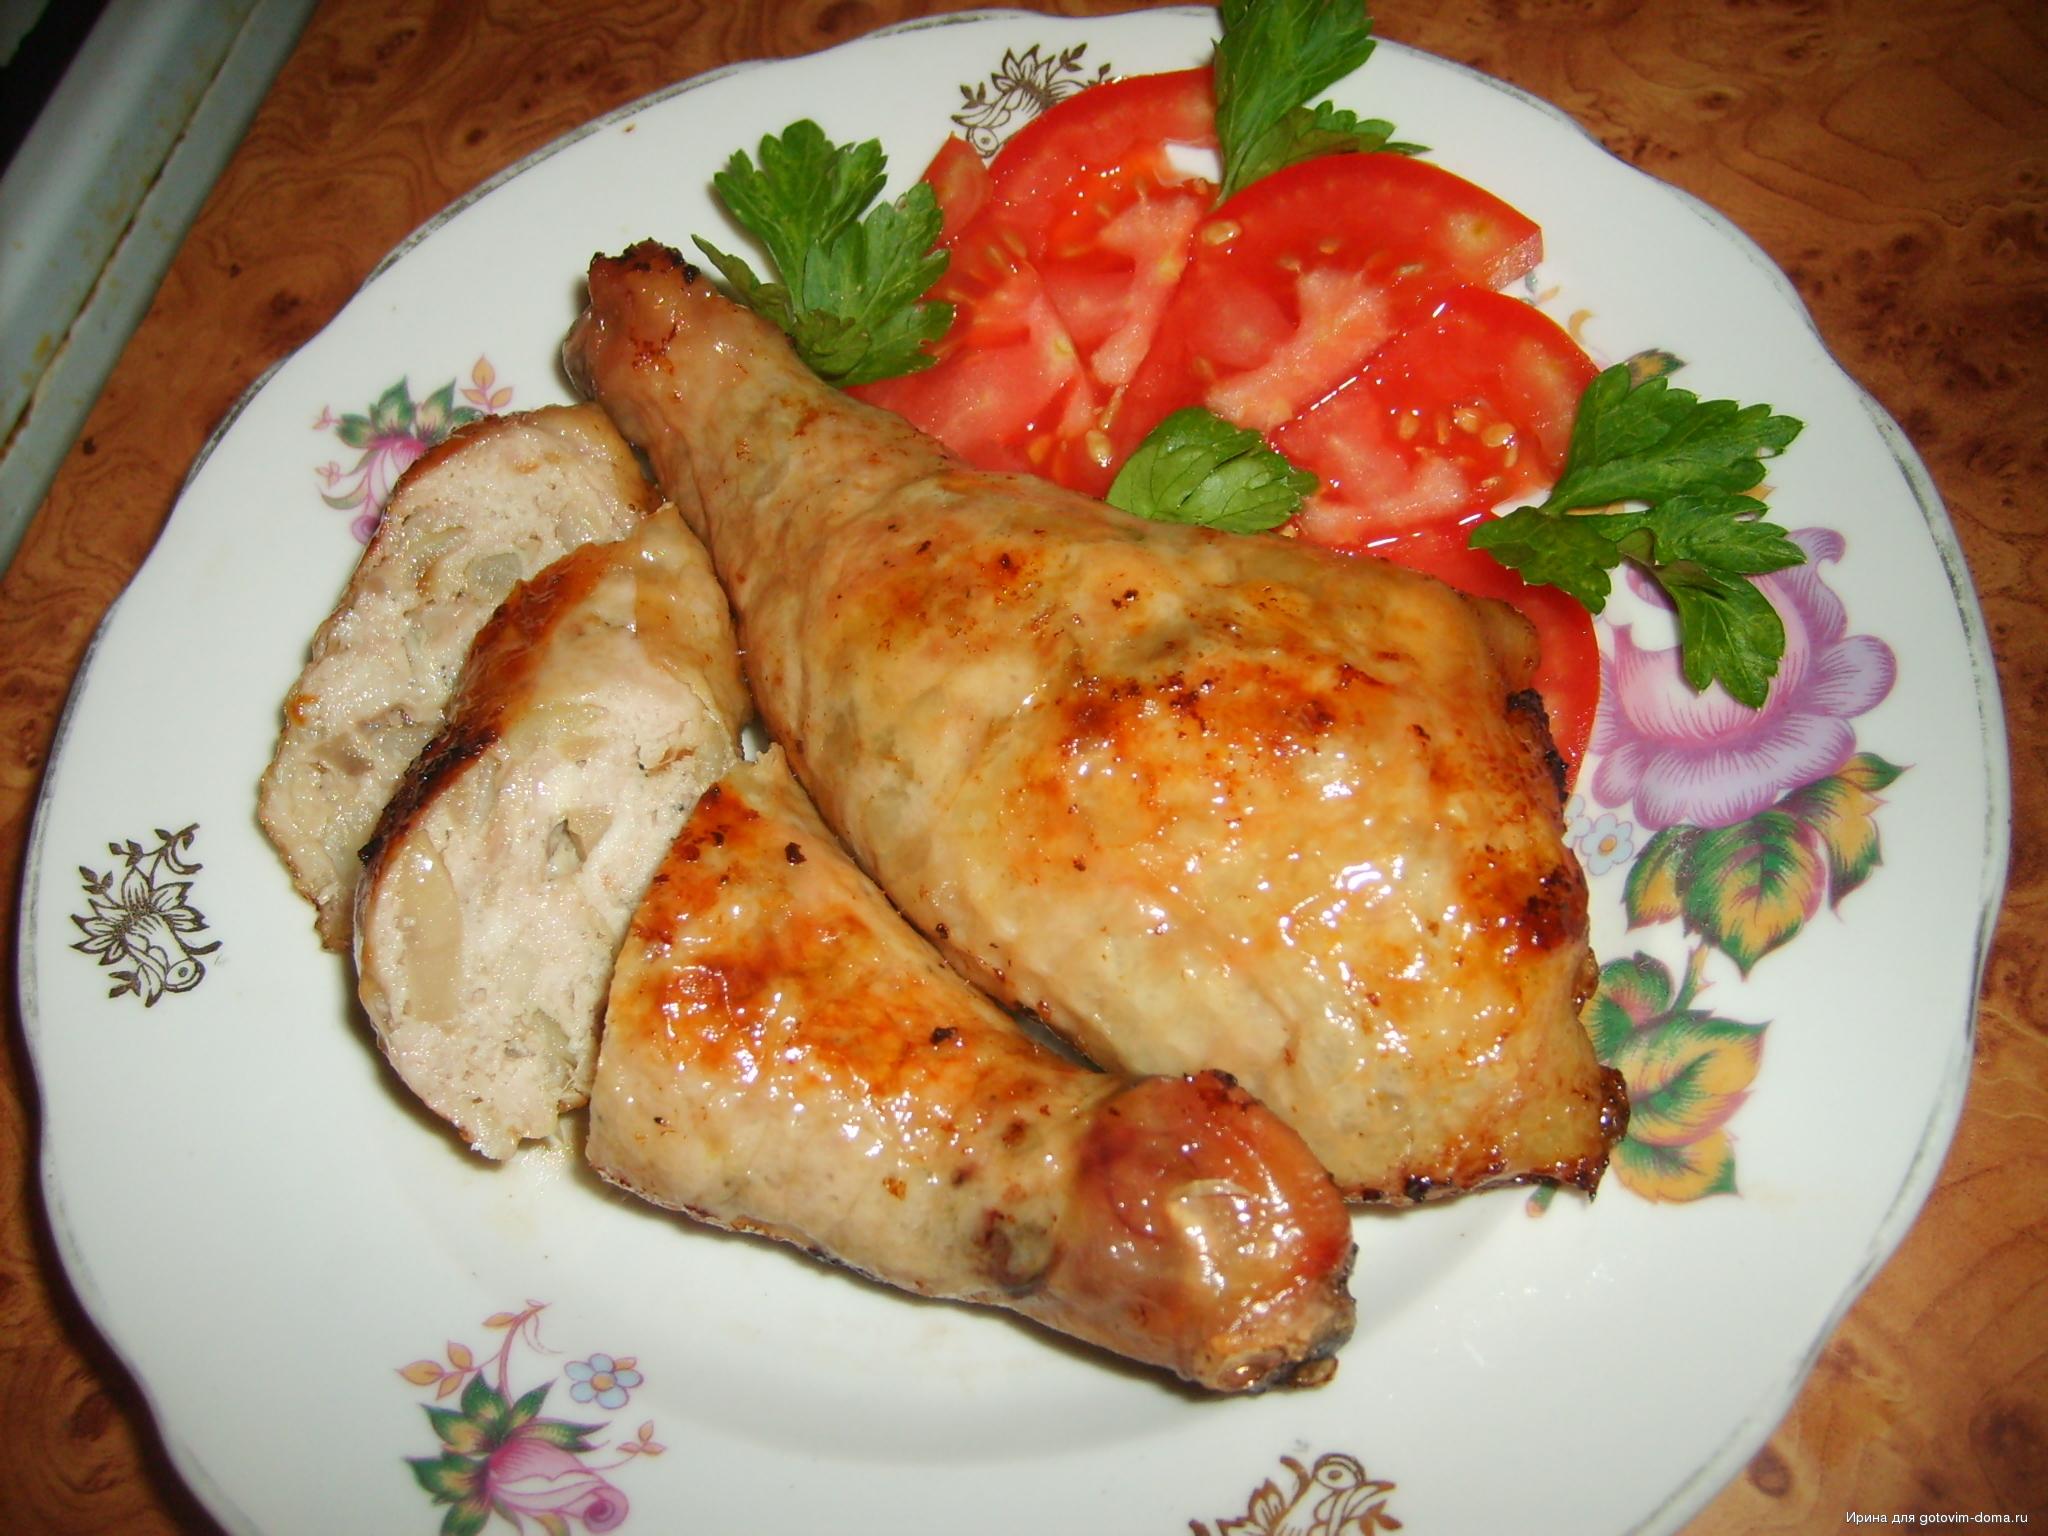 Румяные фаршированные окорочка - простой и вкусный рецепт с пошаговыми фото